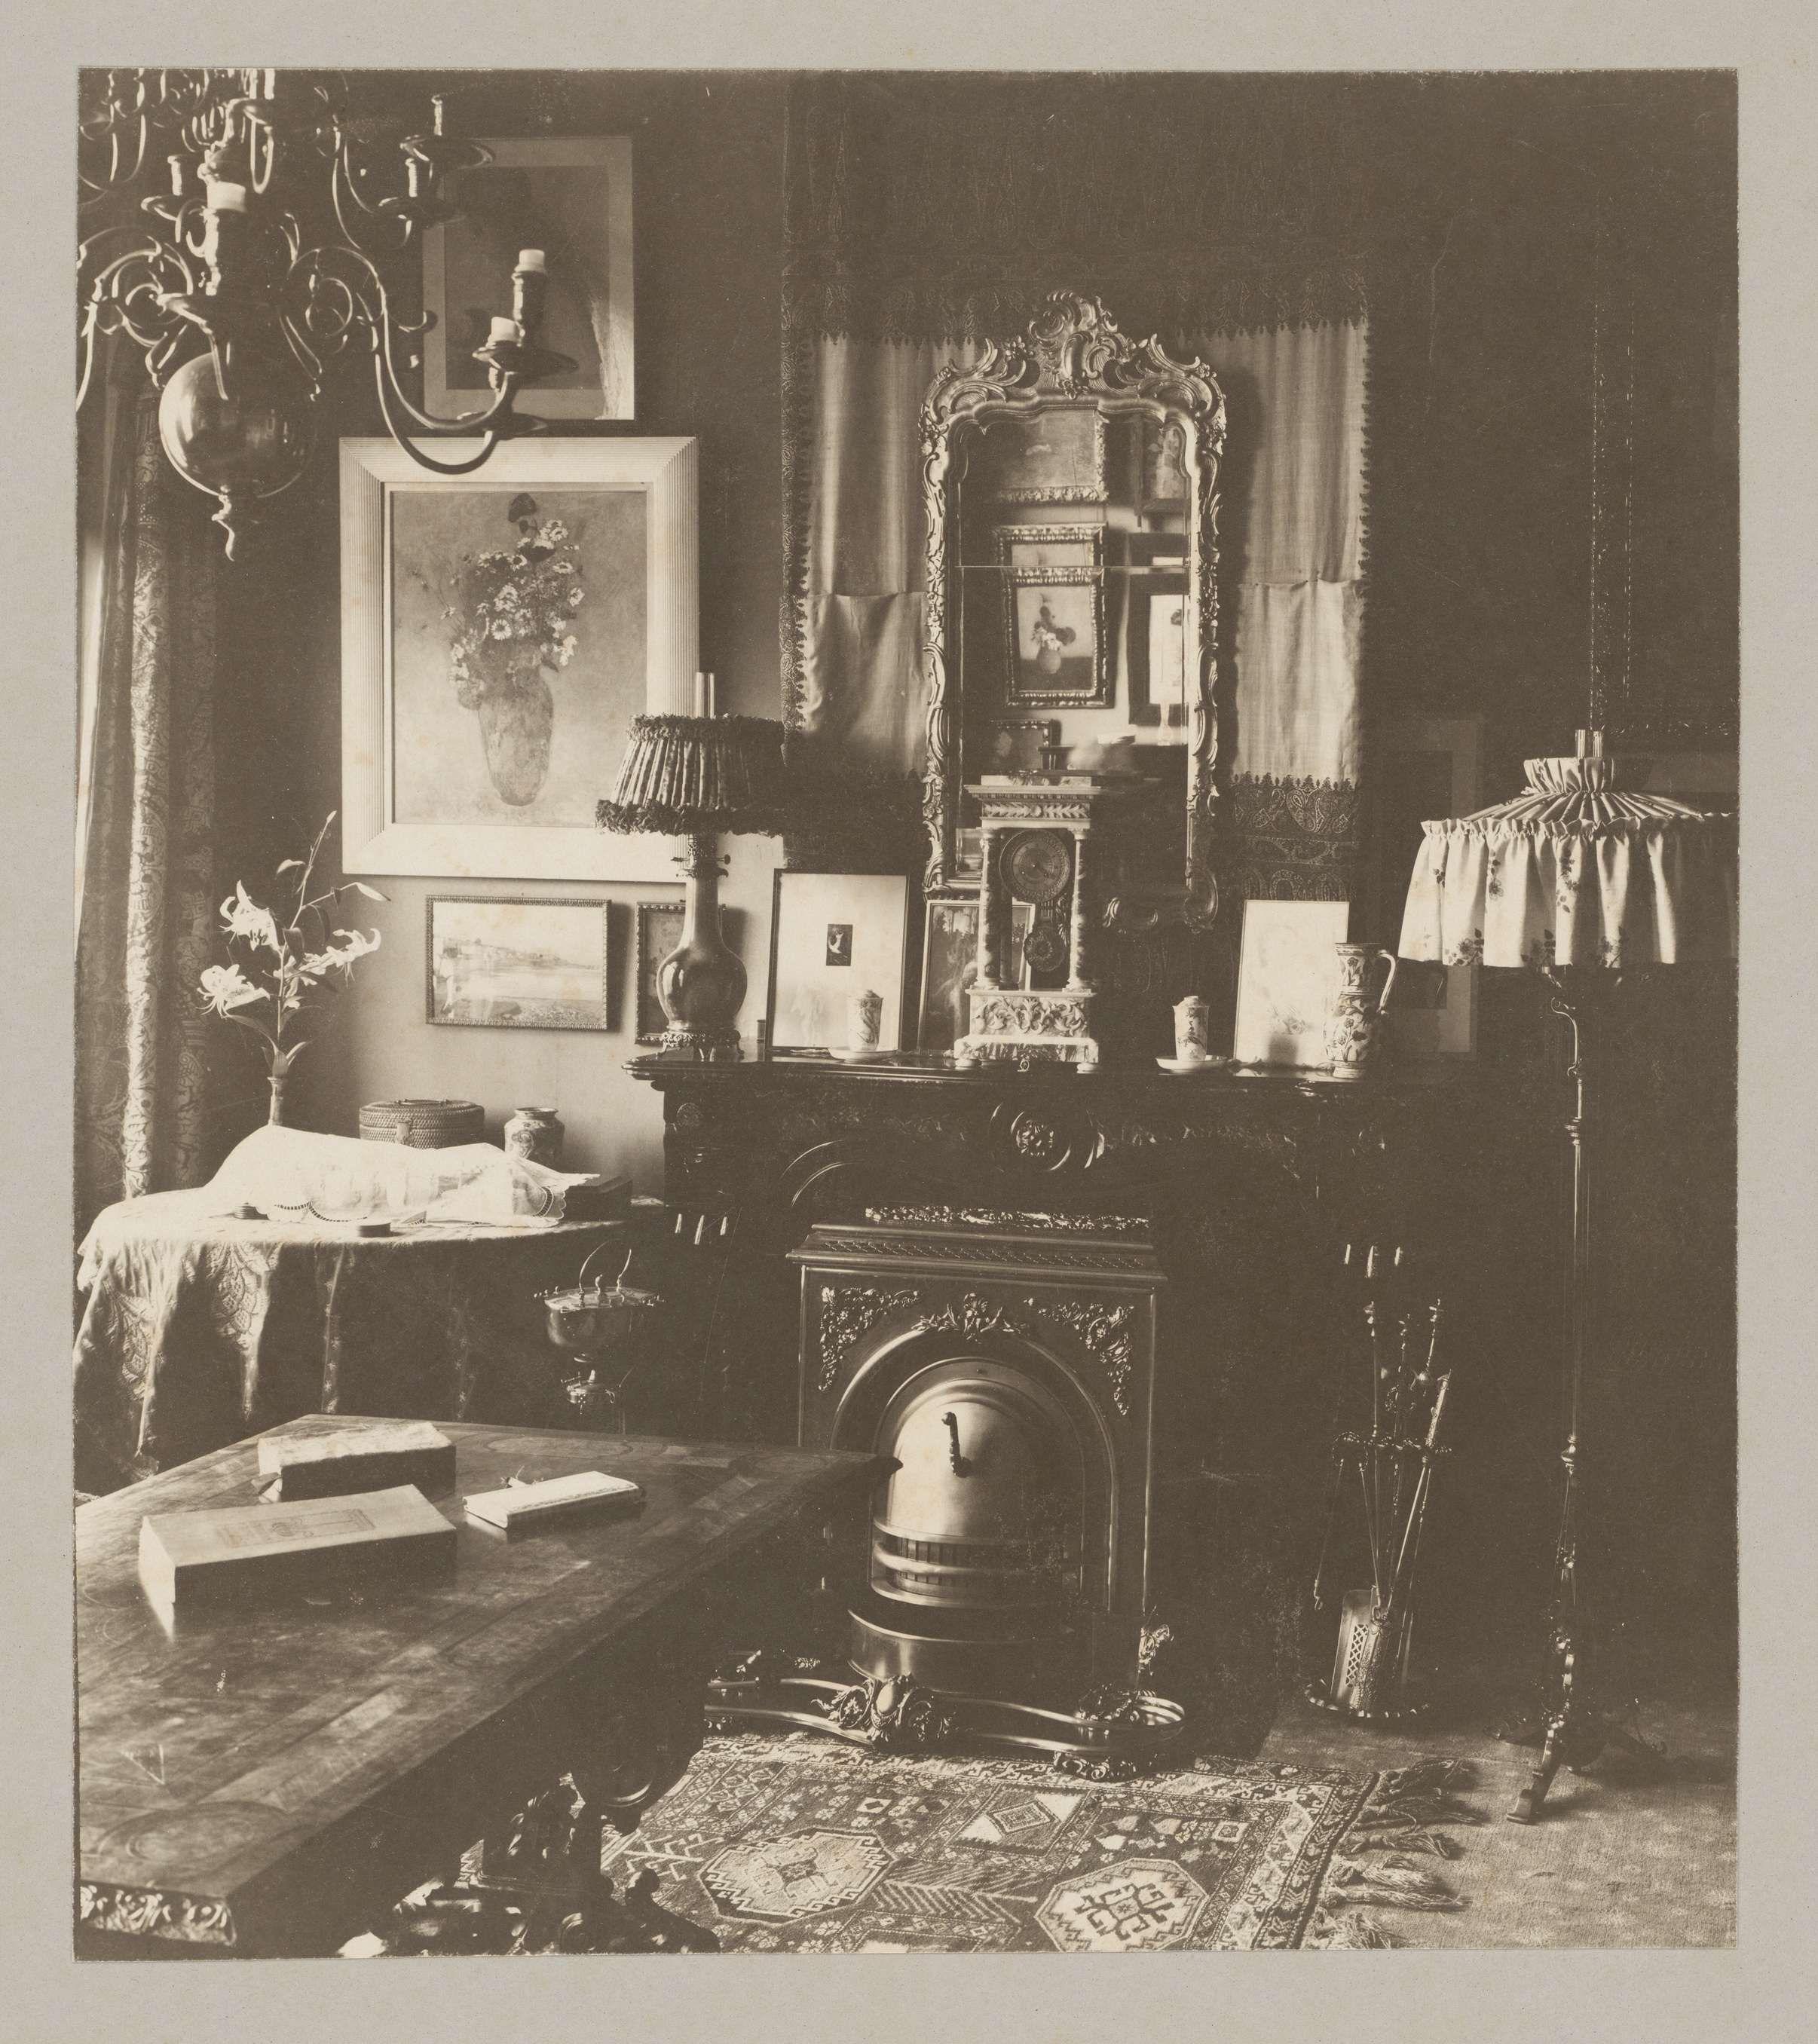 Interieur van het huis van Andries Bonger in Amsterdam, met een aantal Redons aan de muur, Van Meurs, 1926